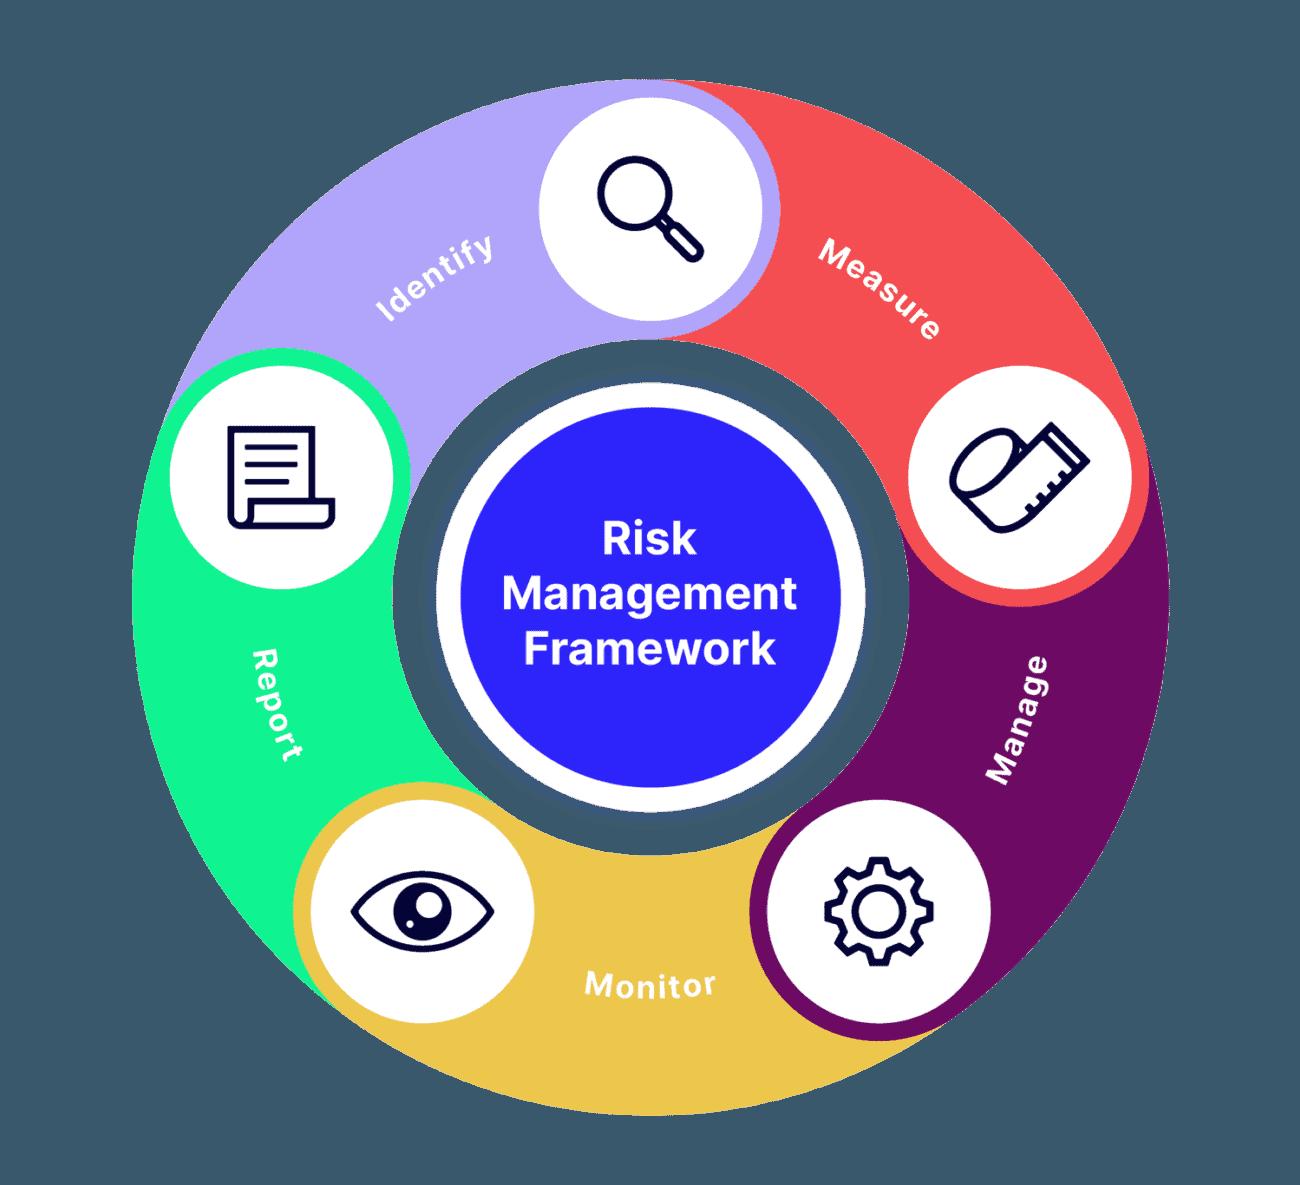 Supplier Risk Management Framework